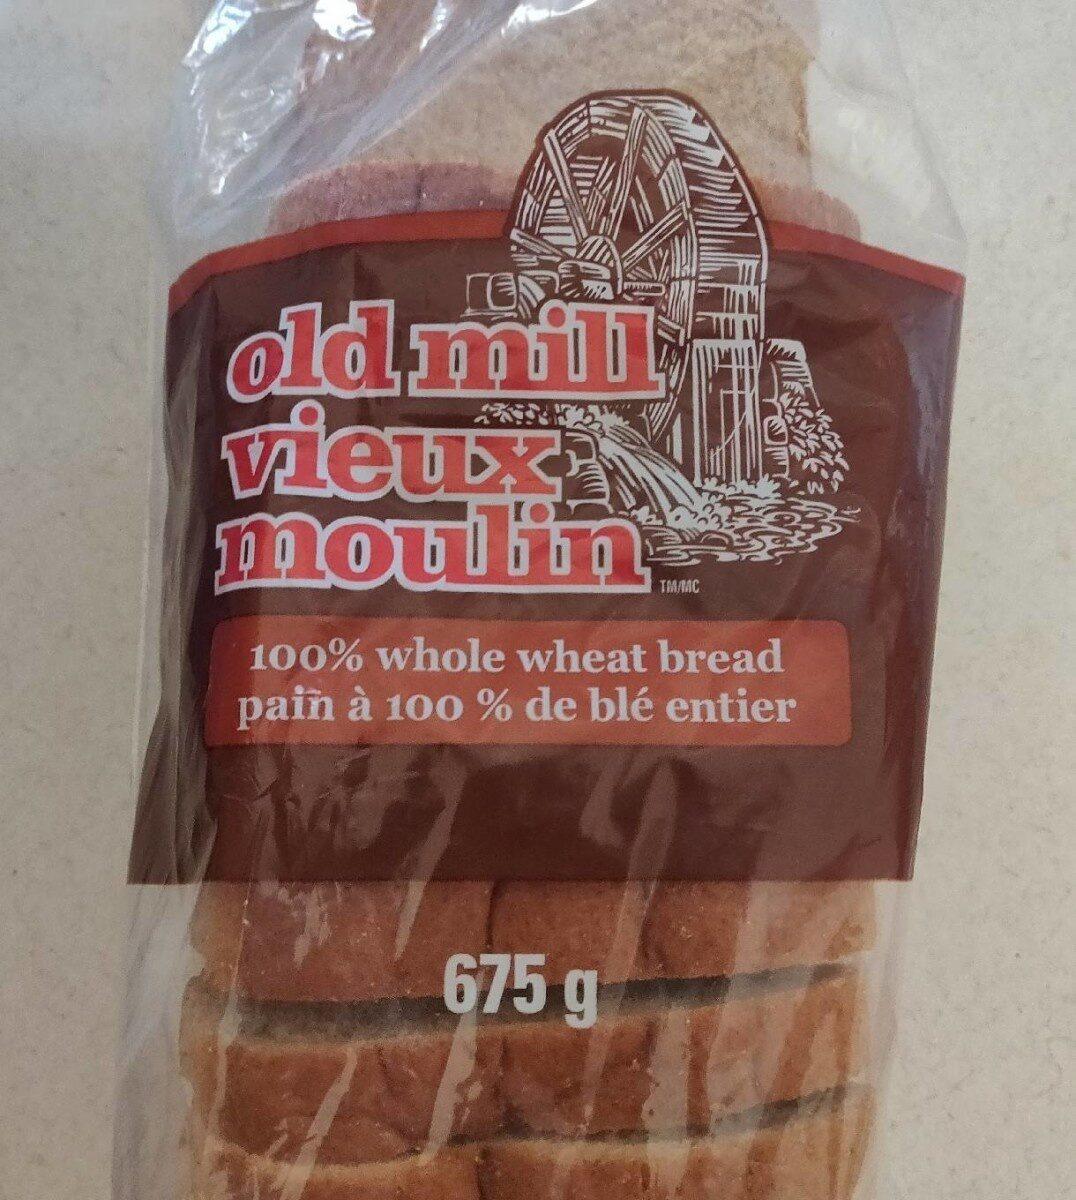 Old Mill 100% Whole Wheat Bread - Produit - en